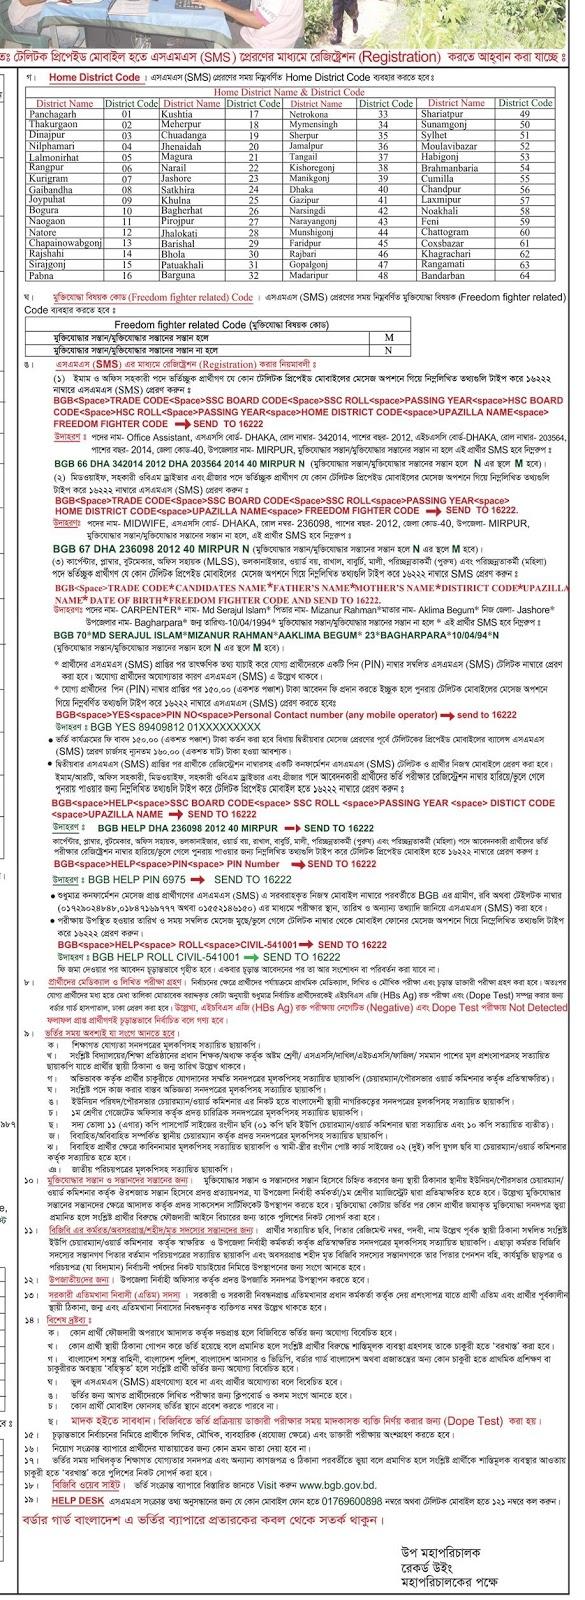 বর্ডার গার্ড বাংলাদেশ (বিজিবি) এর অসামরিক বিভিন্ন পদে নিয়োগ বিজ্ঞপ্তি ২০২০ ও আবেদন করার নিয়ম.jpg